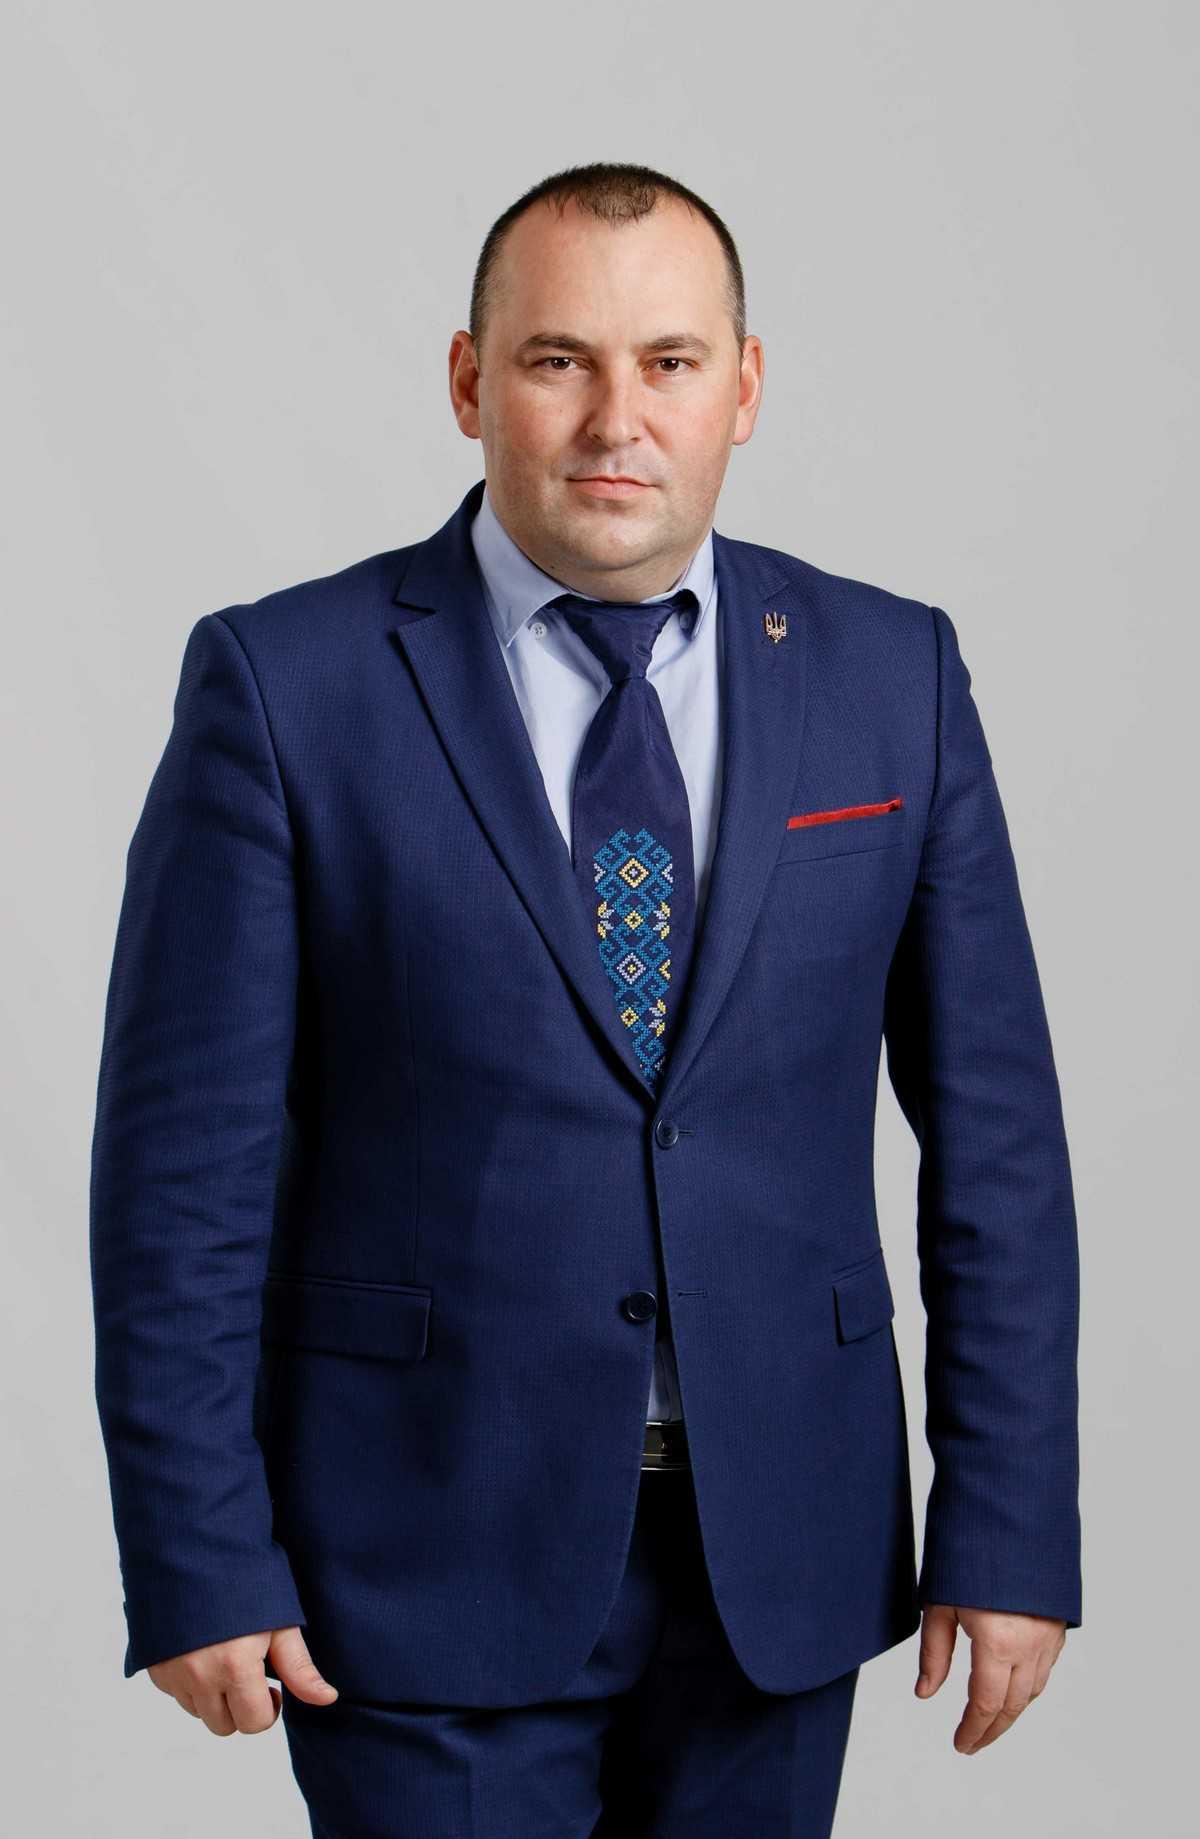 Руслан Майструк Человек года - 2018 лауреаты общенациональной программы в номинации «Лидер объединенной территориальной общины года»